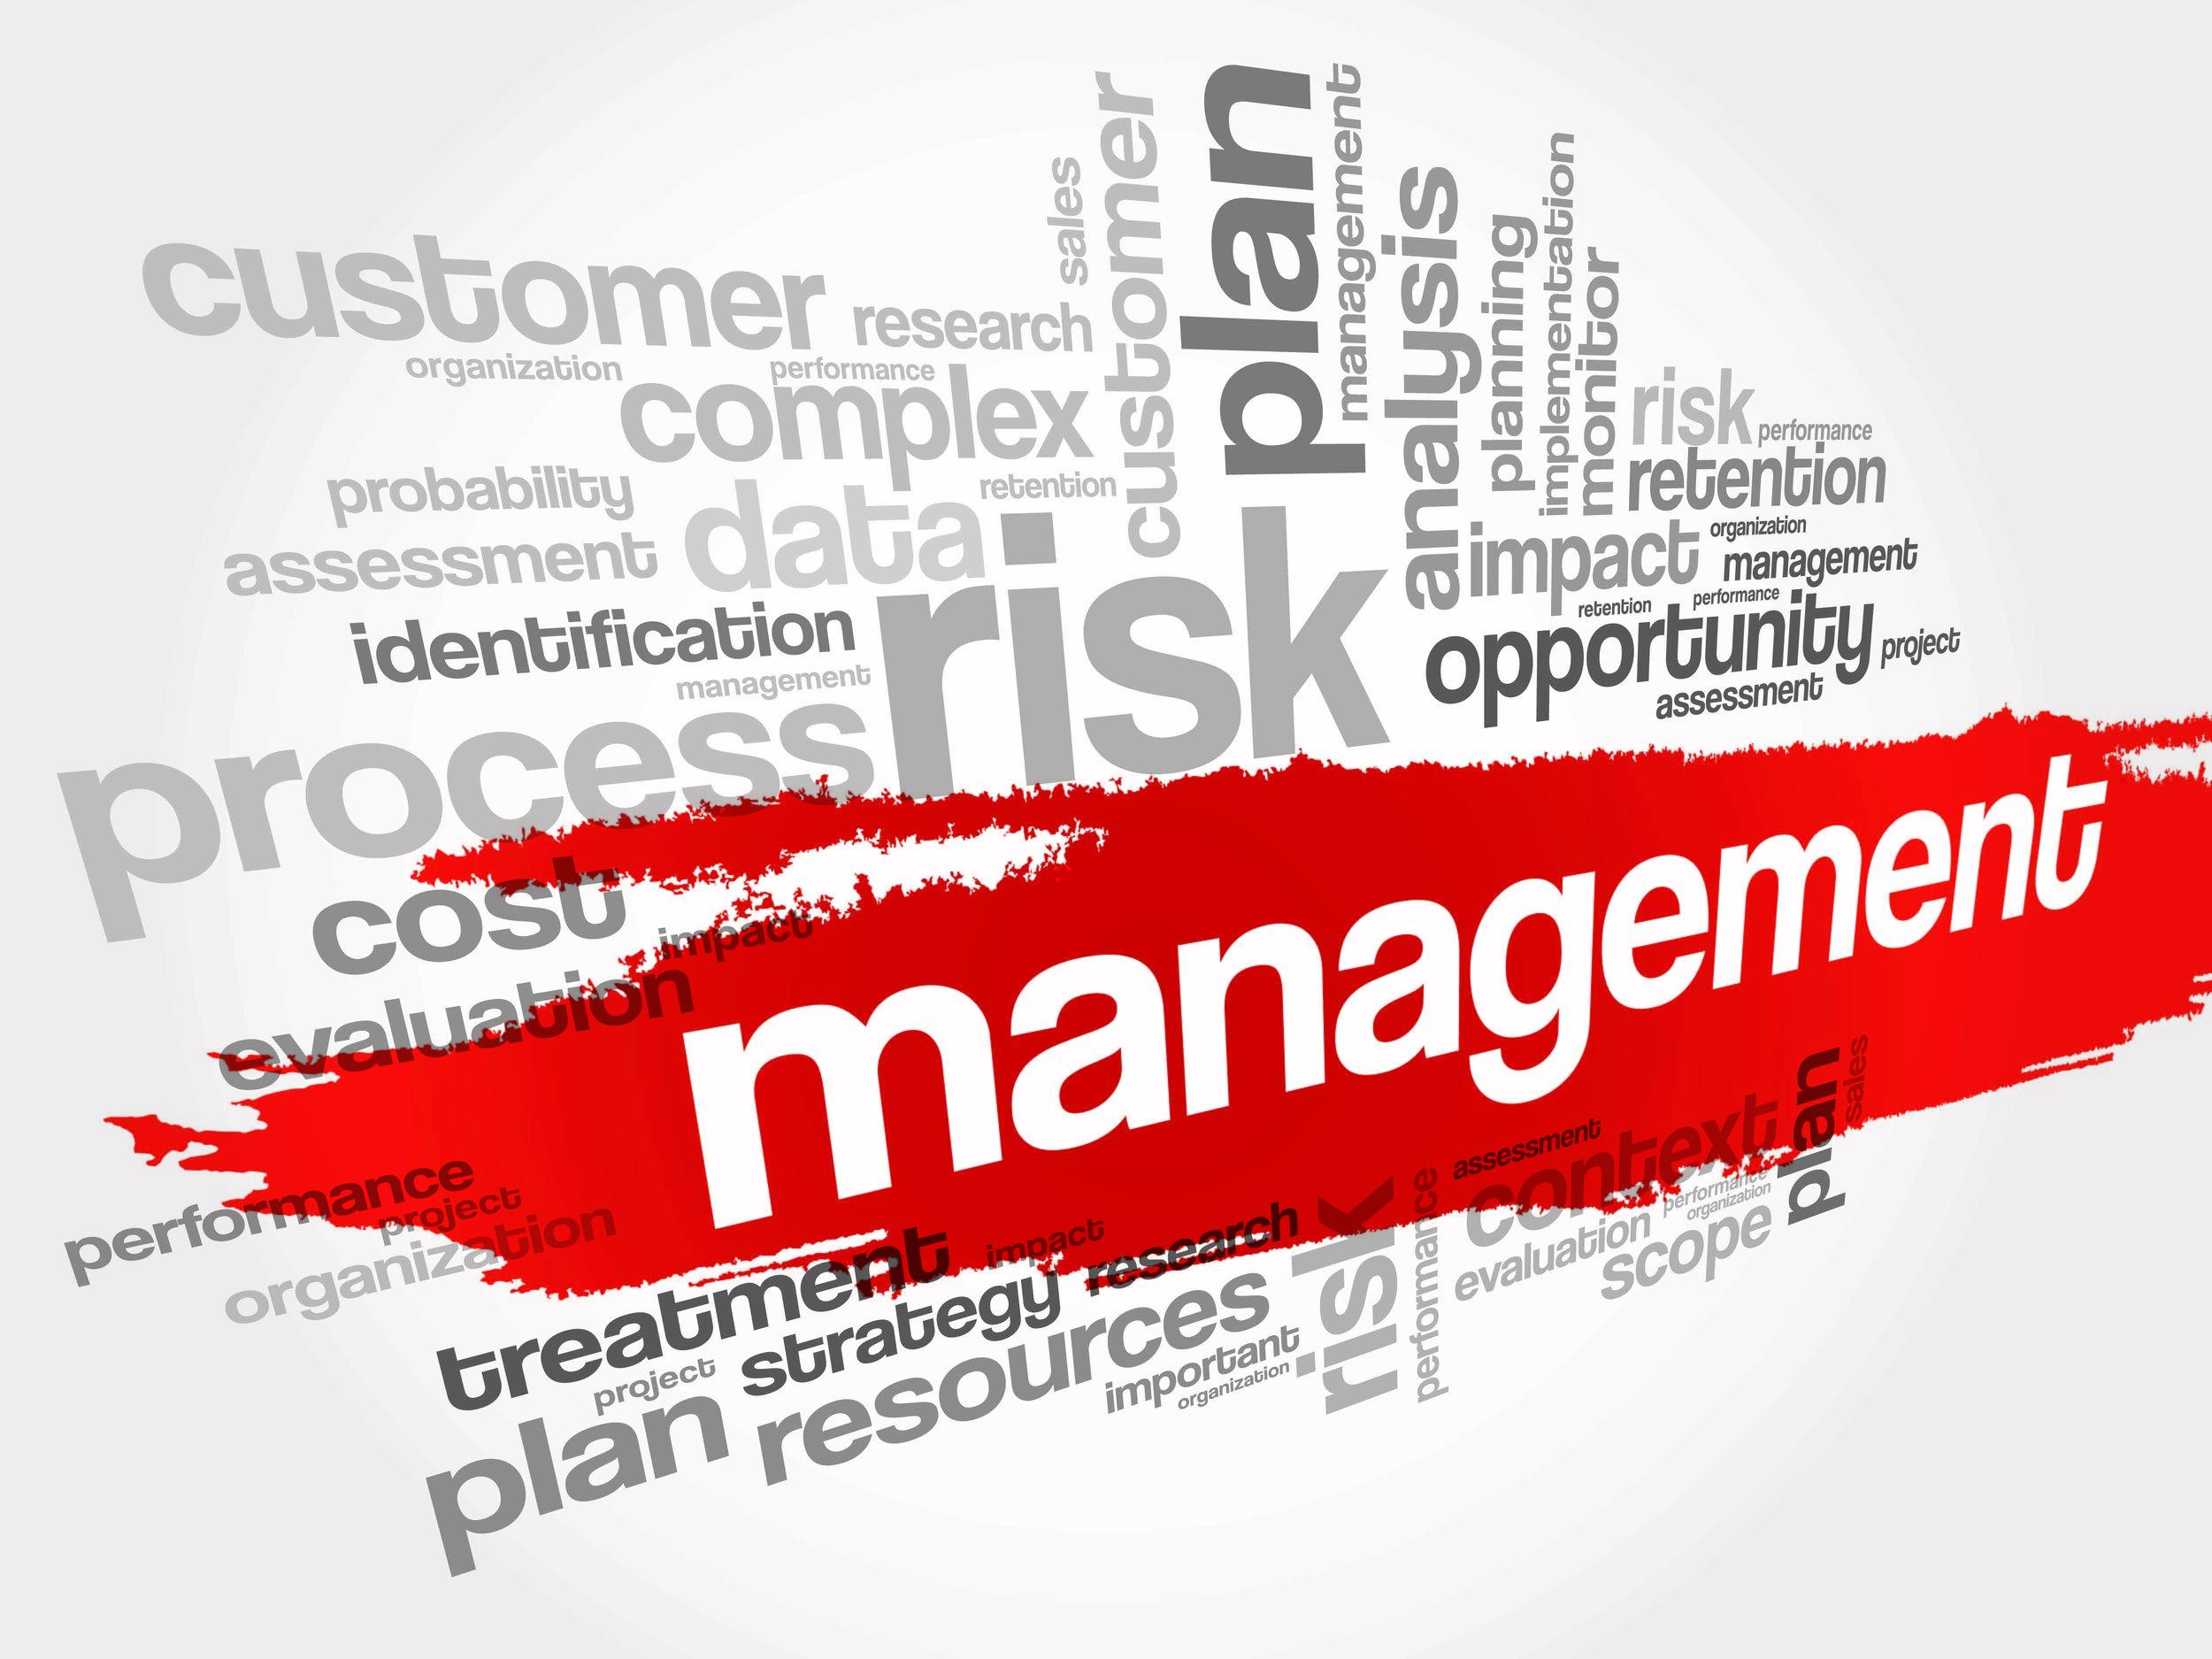 Image of Risk Management words